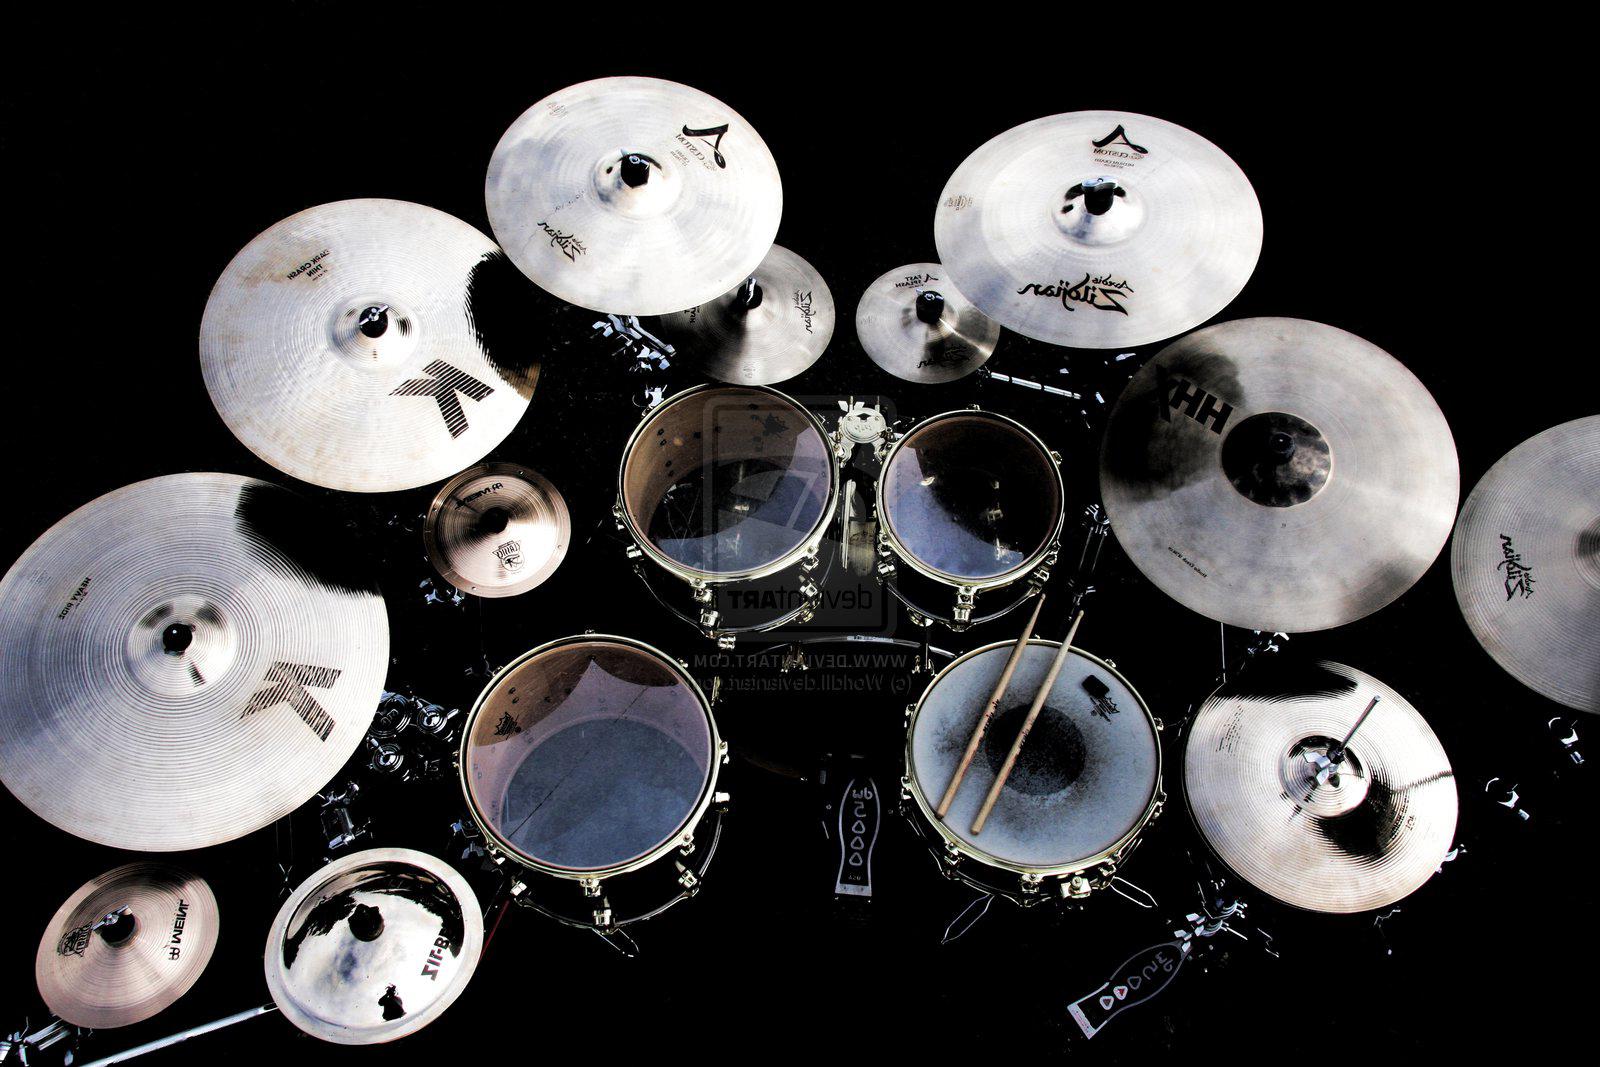 Drums Wallpapers: Drum Wallpaper Desktop